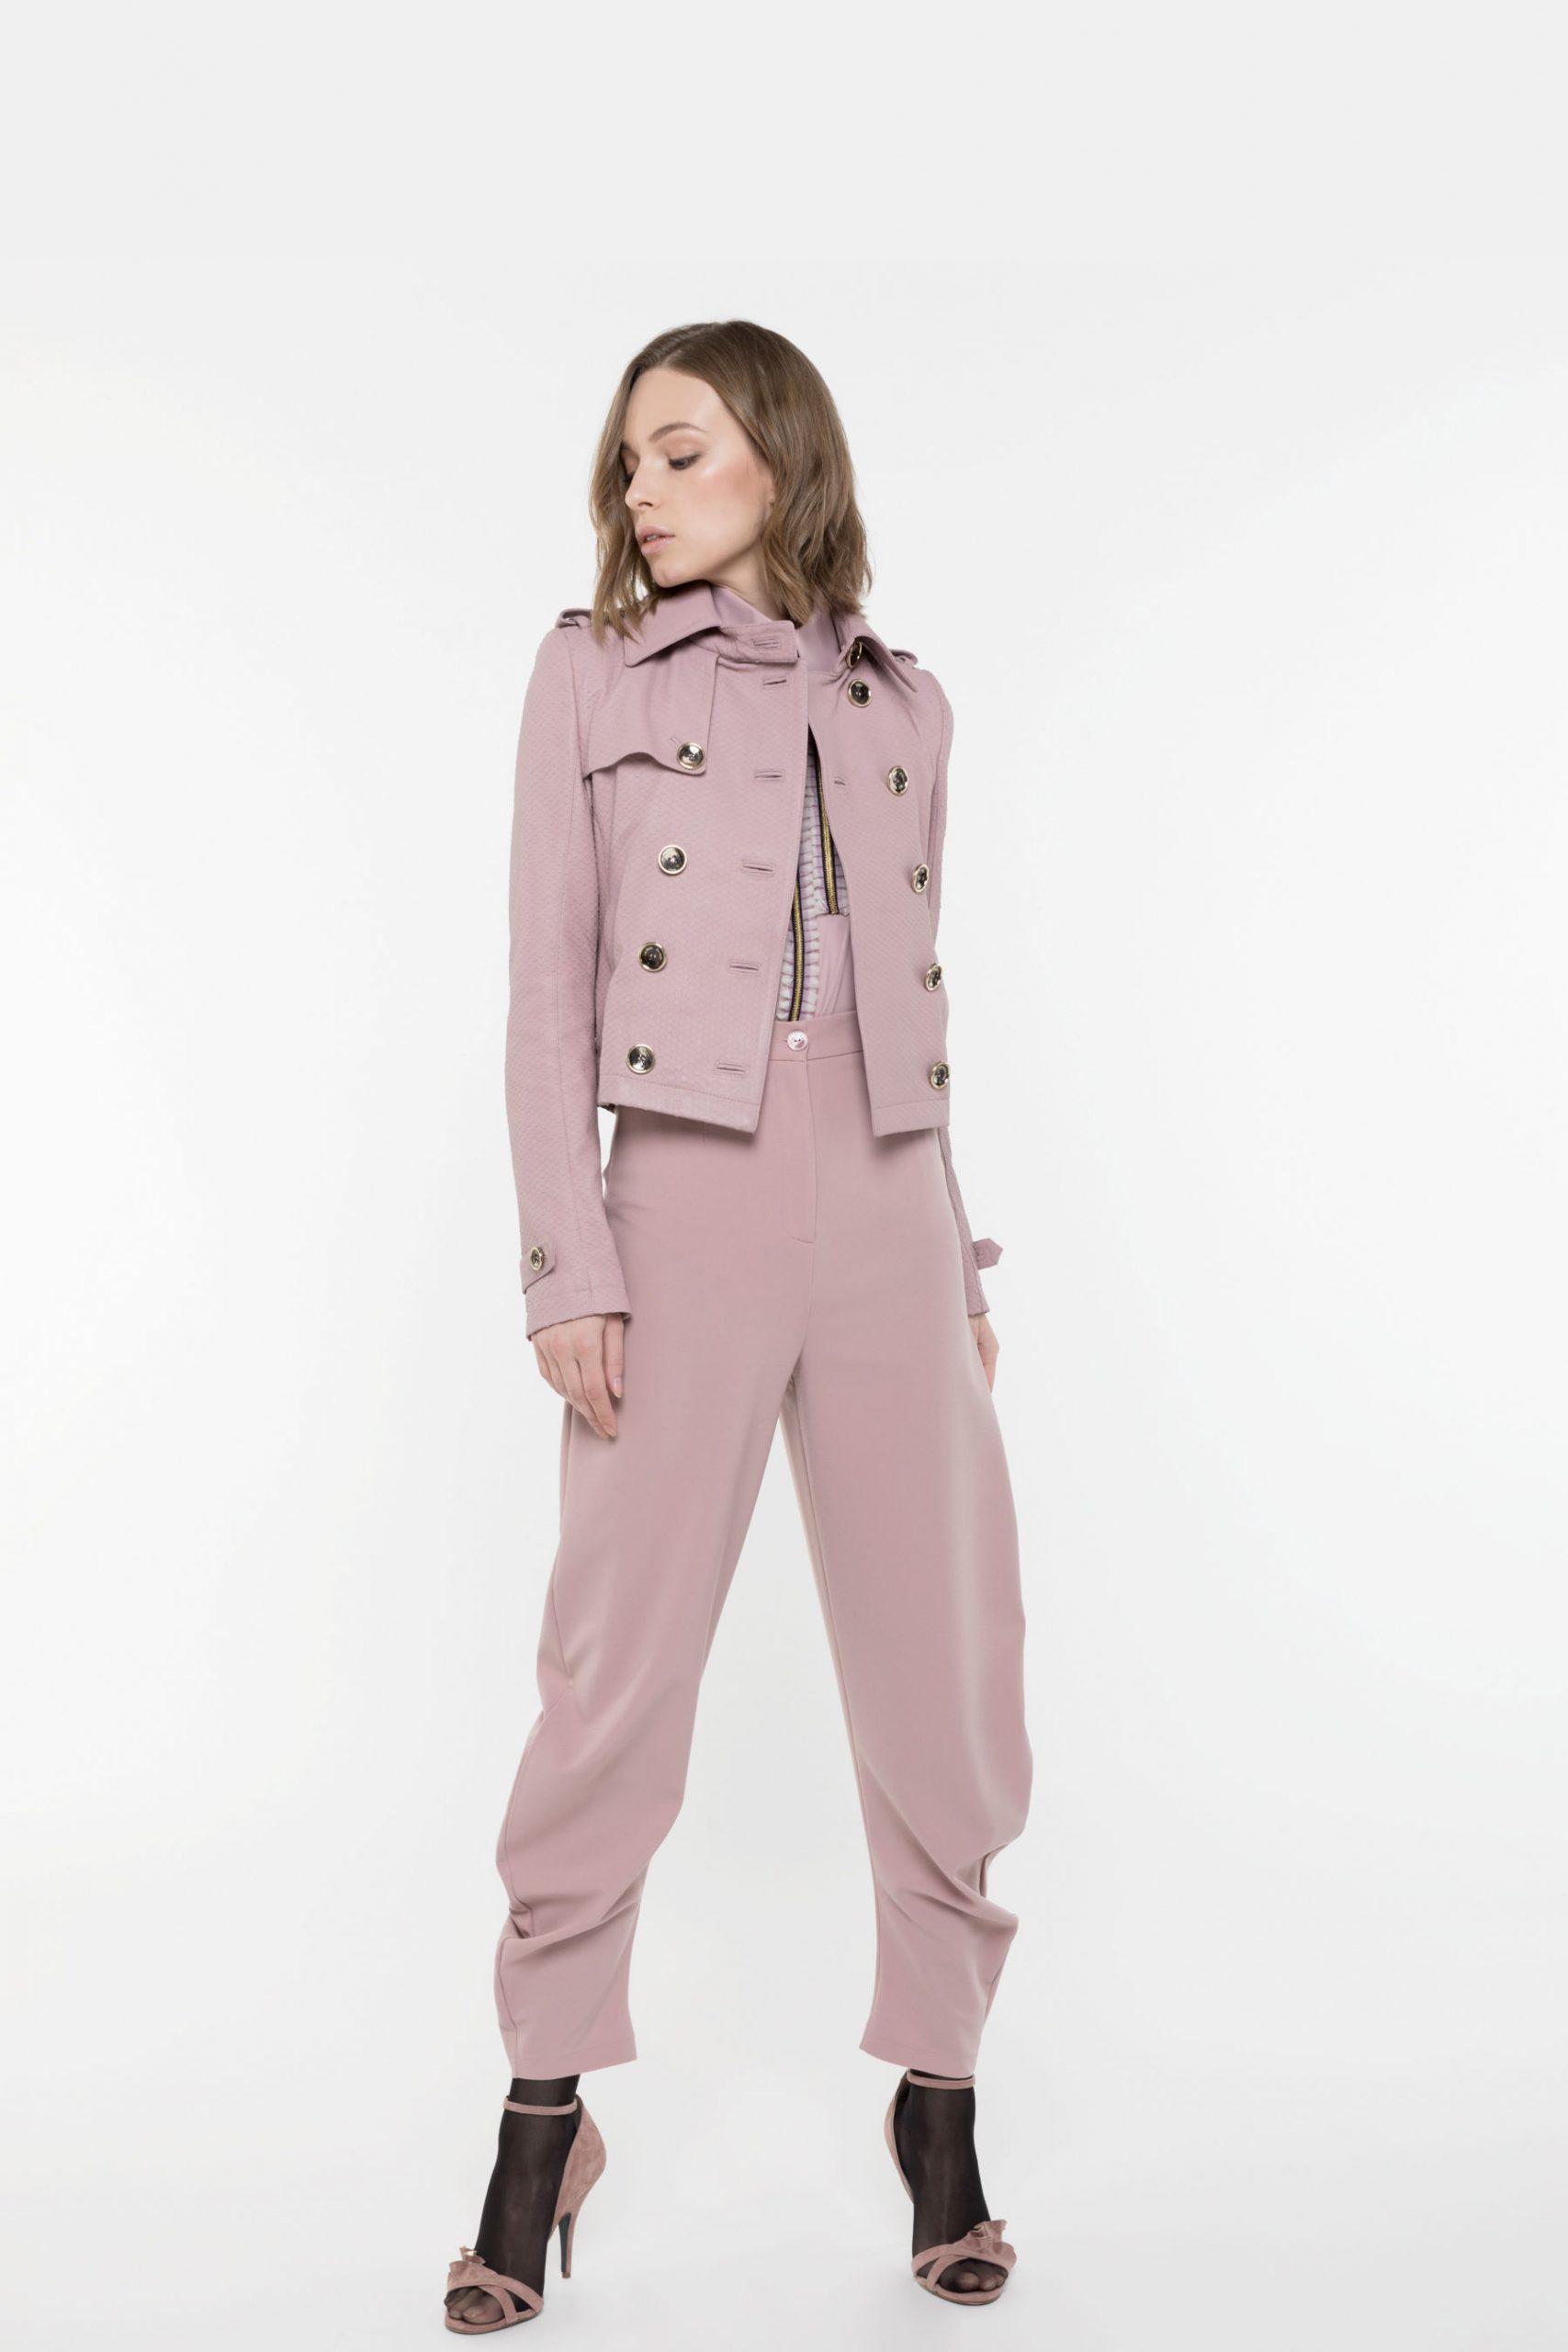 Abbigliamento Patrizia Pepe  Giubbotto in pelle Cloud Rose female collezione 2020 shop the look